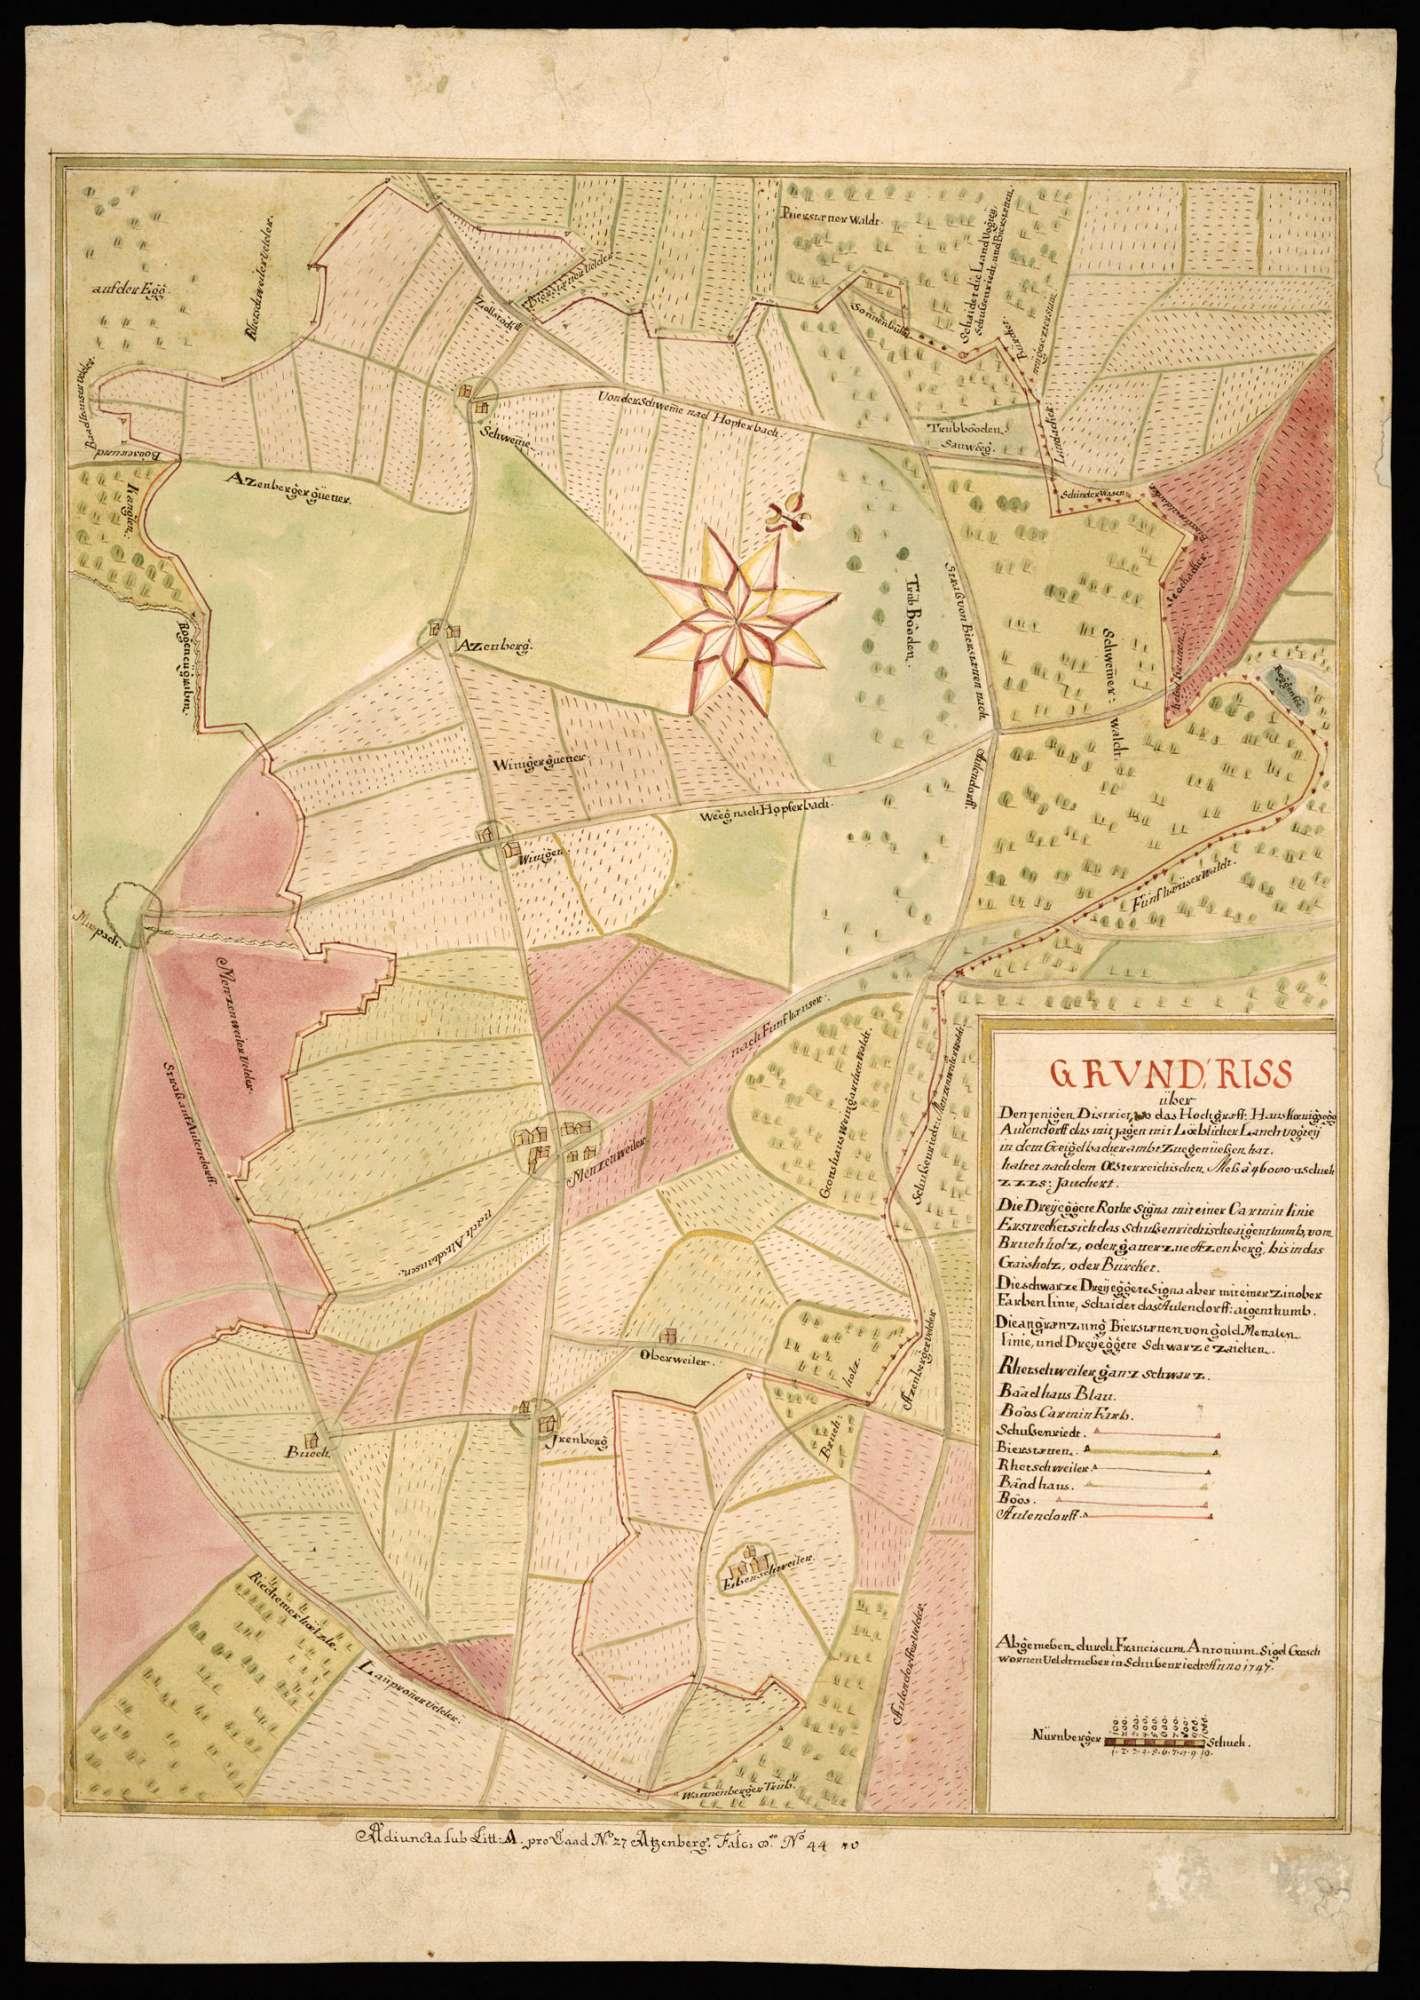 """Geigelbach """"Grundriss über denjenigen District, wo sich das Hochgräffliche Haus Koenigsegg Aulendorf das Mitjagen mit löblicher Landvogtey in dem Geigelbacher Ambt zue genüessen hat"""", Bild 2"""